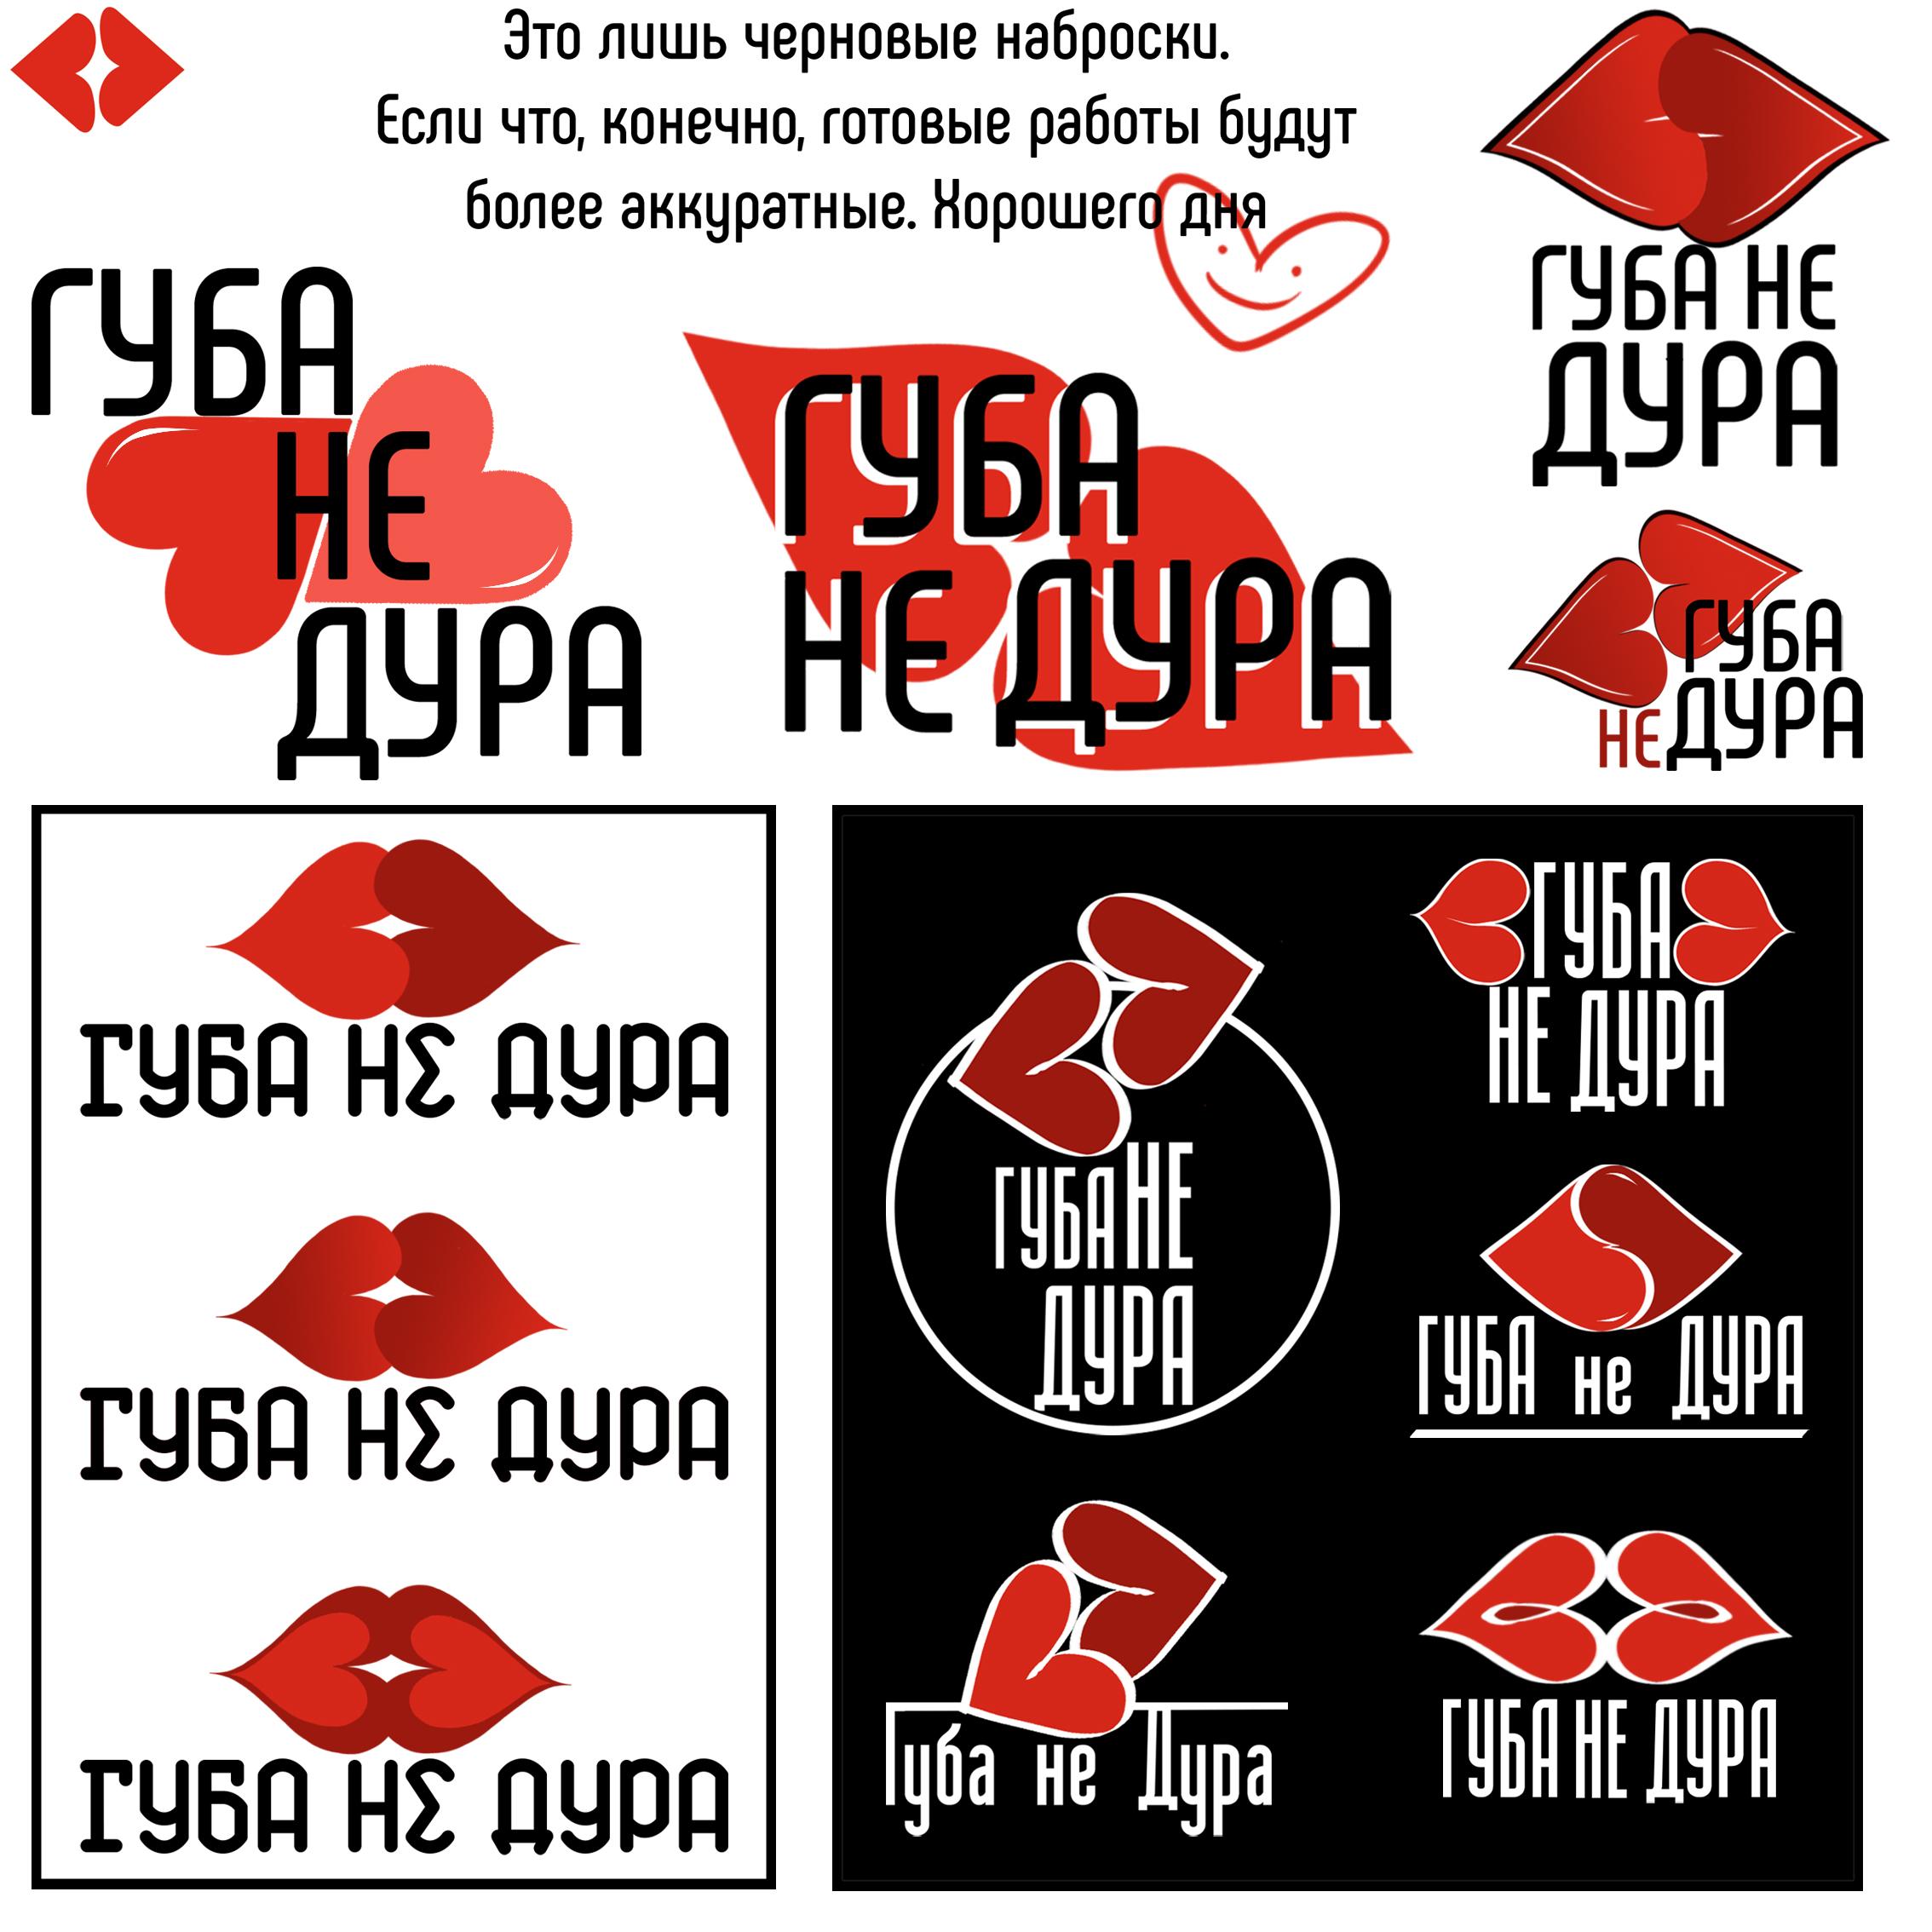 Улучшить и так хороший Товарный Знак фото f_9635eef8c500992f.jpg